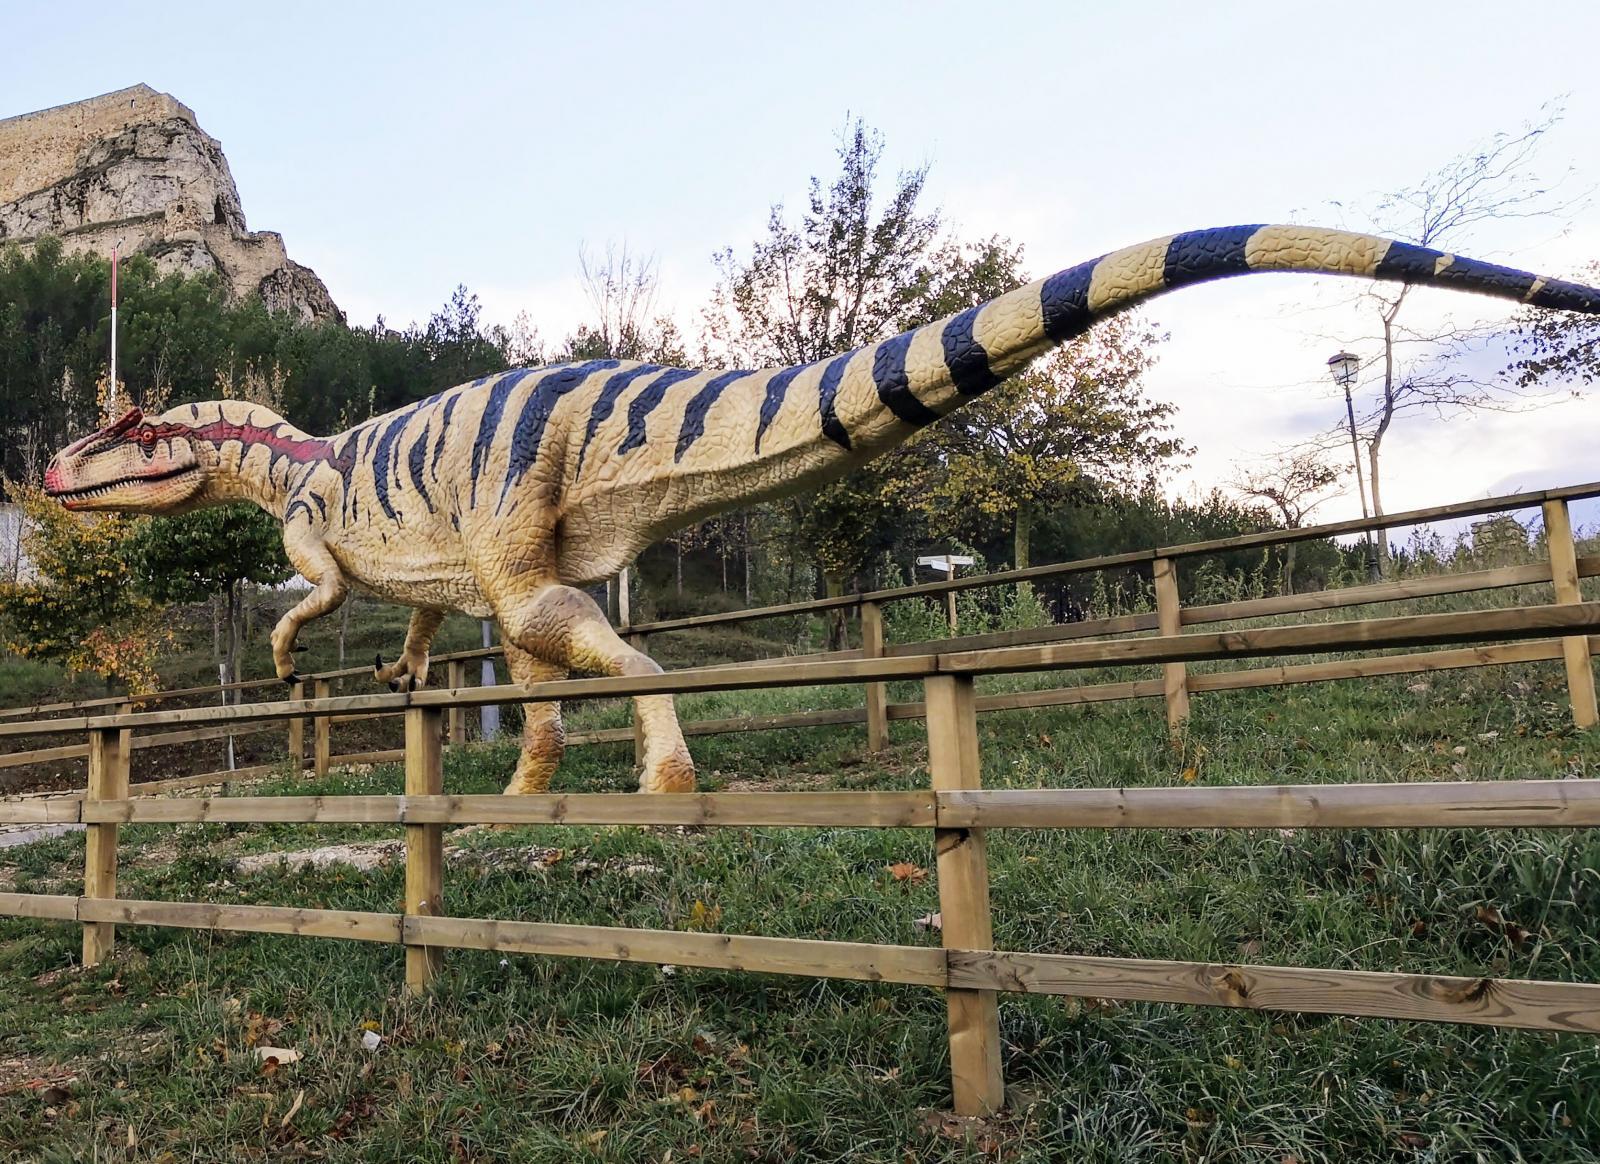 Arkeologer har hittat flera fynd och lämningar från dinosaurer i och runt Morella. Därför finns här ett museum med utställning i ämnet.